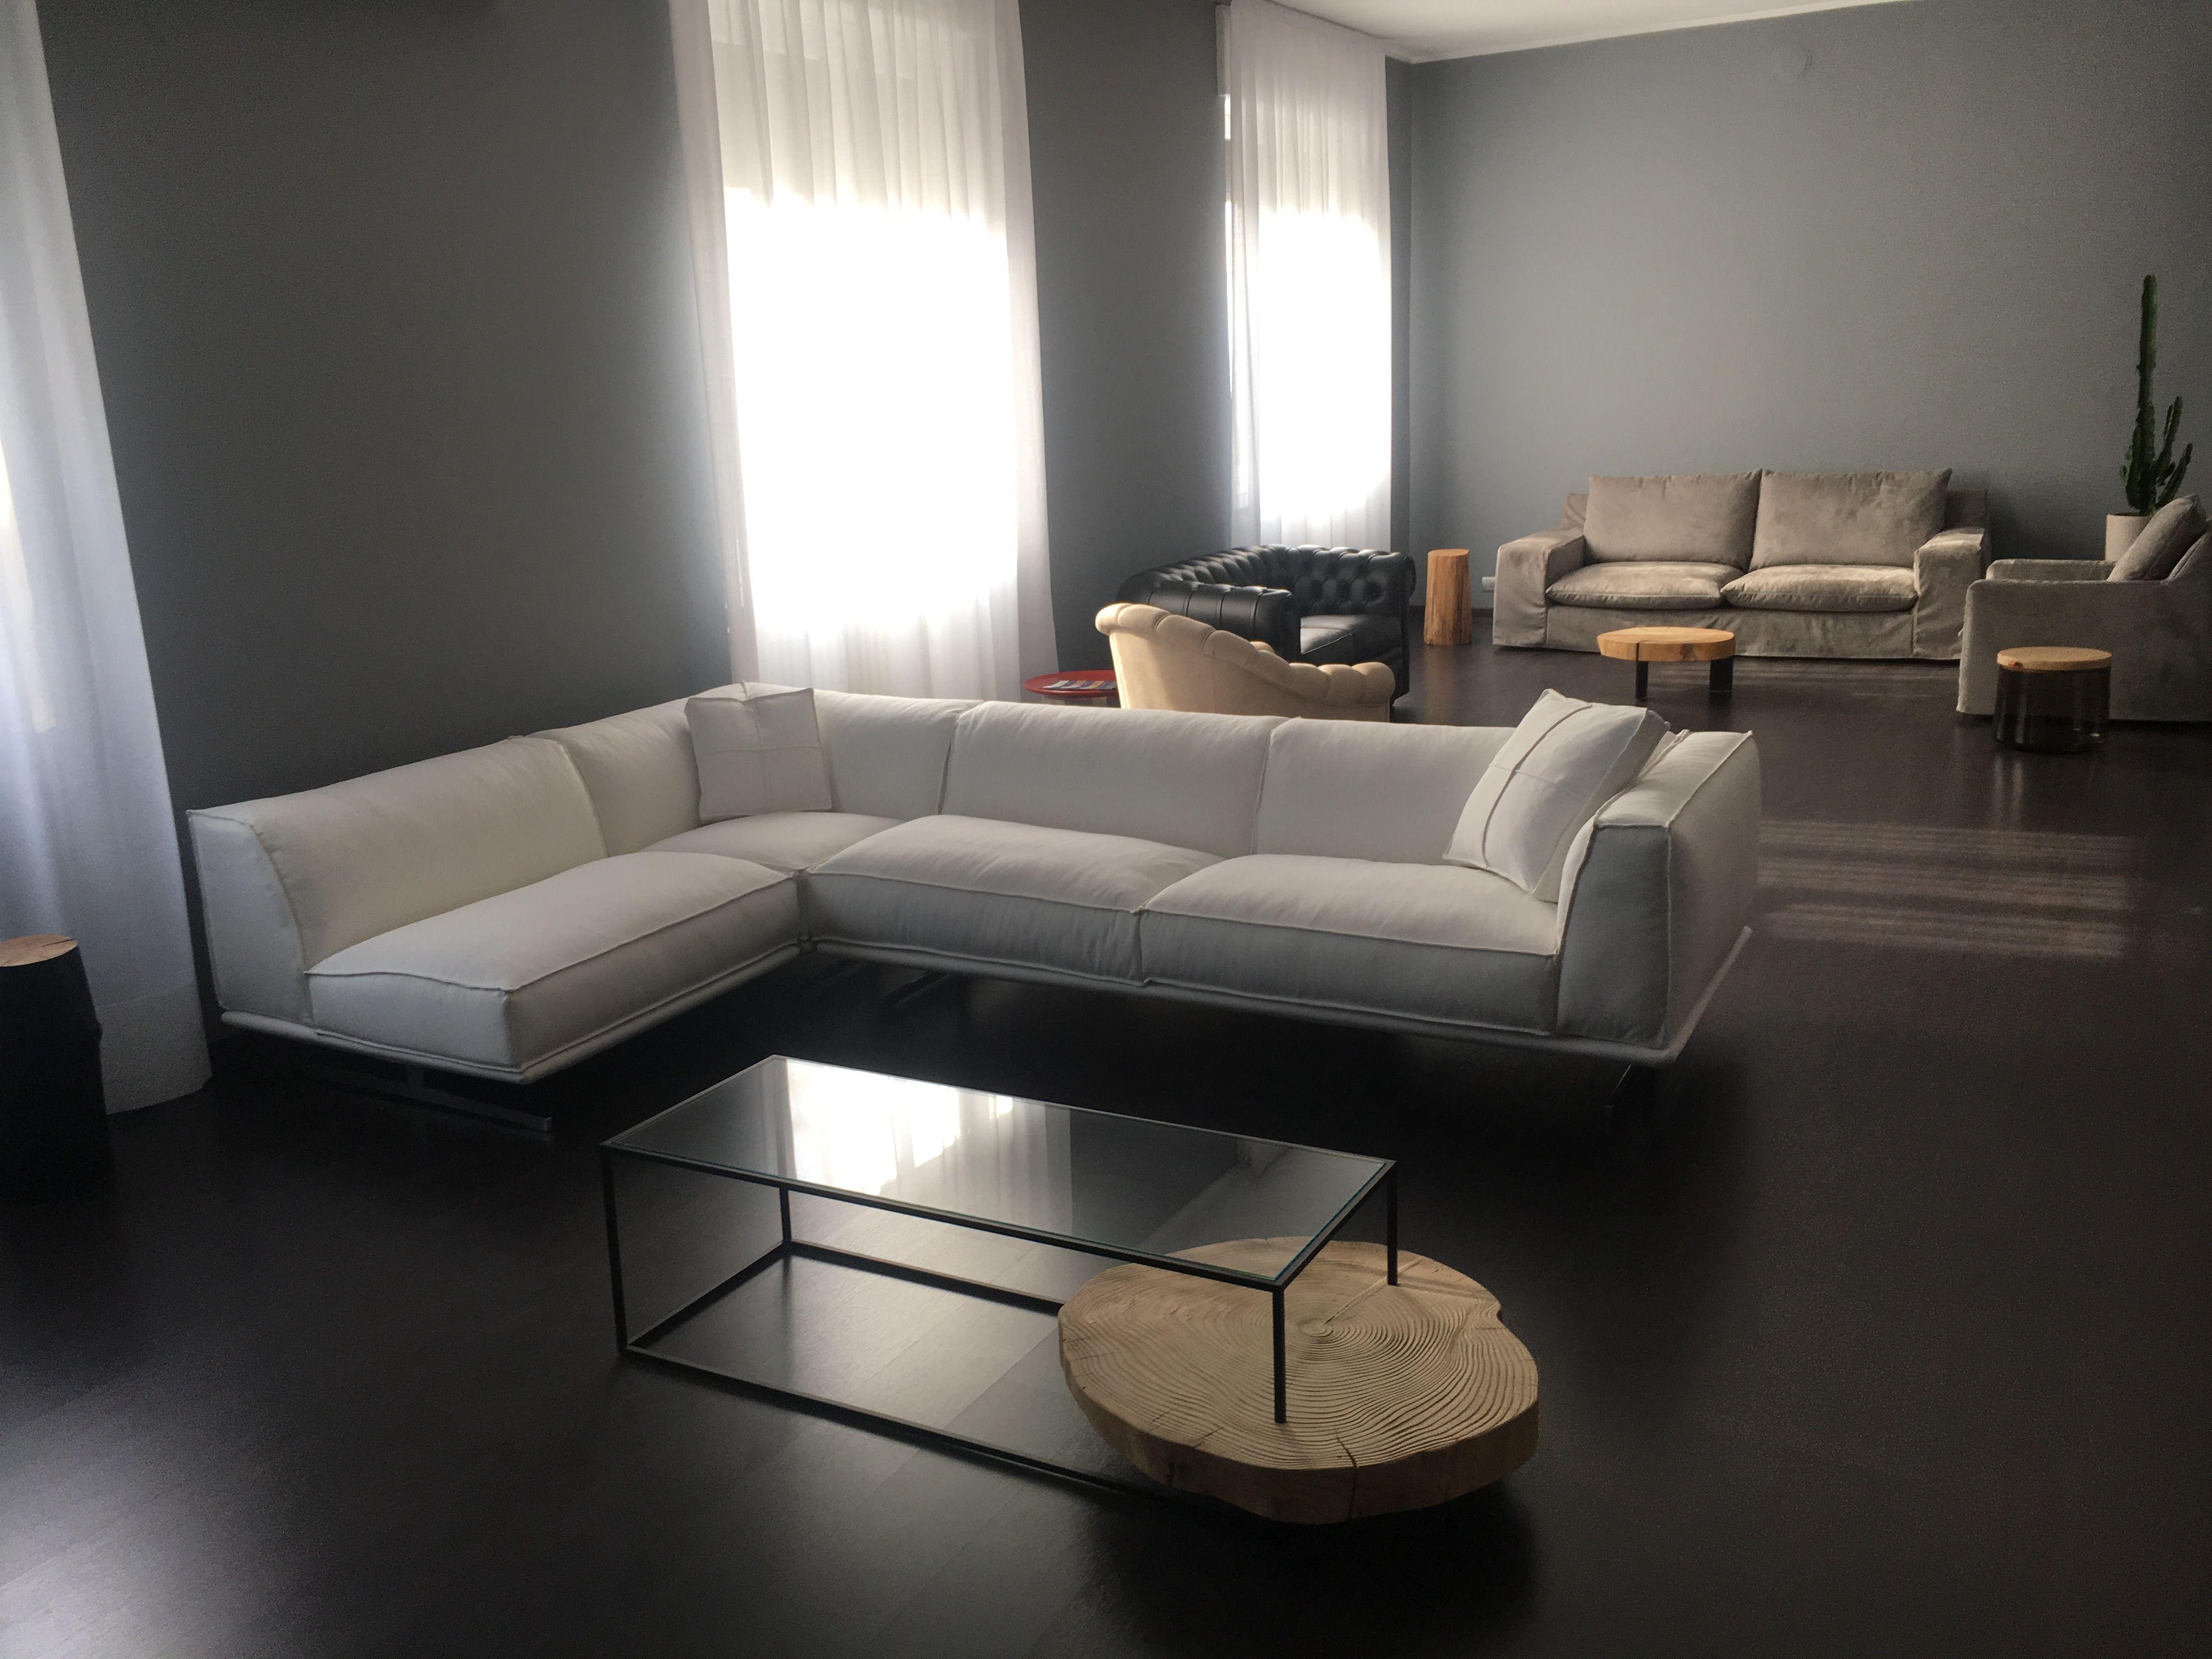 Nuovo divani moderni in vendita da Tino Mariani in negozio a ...